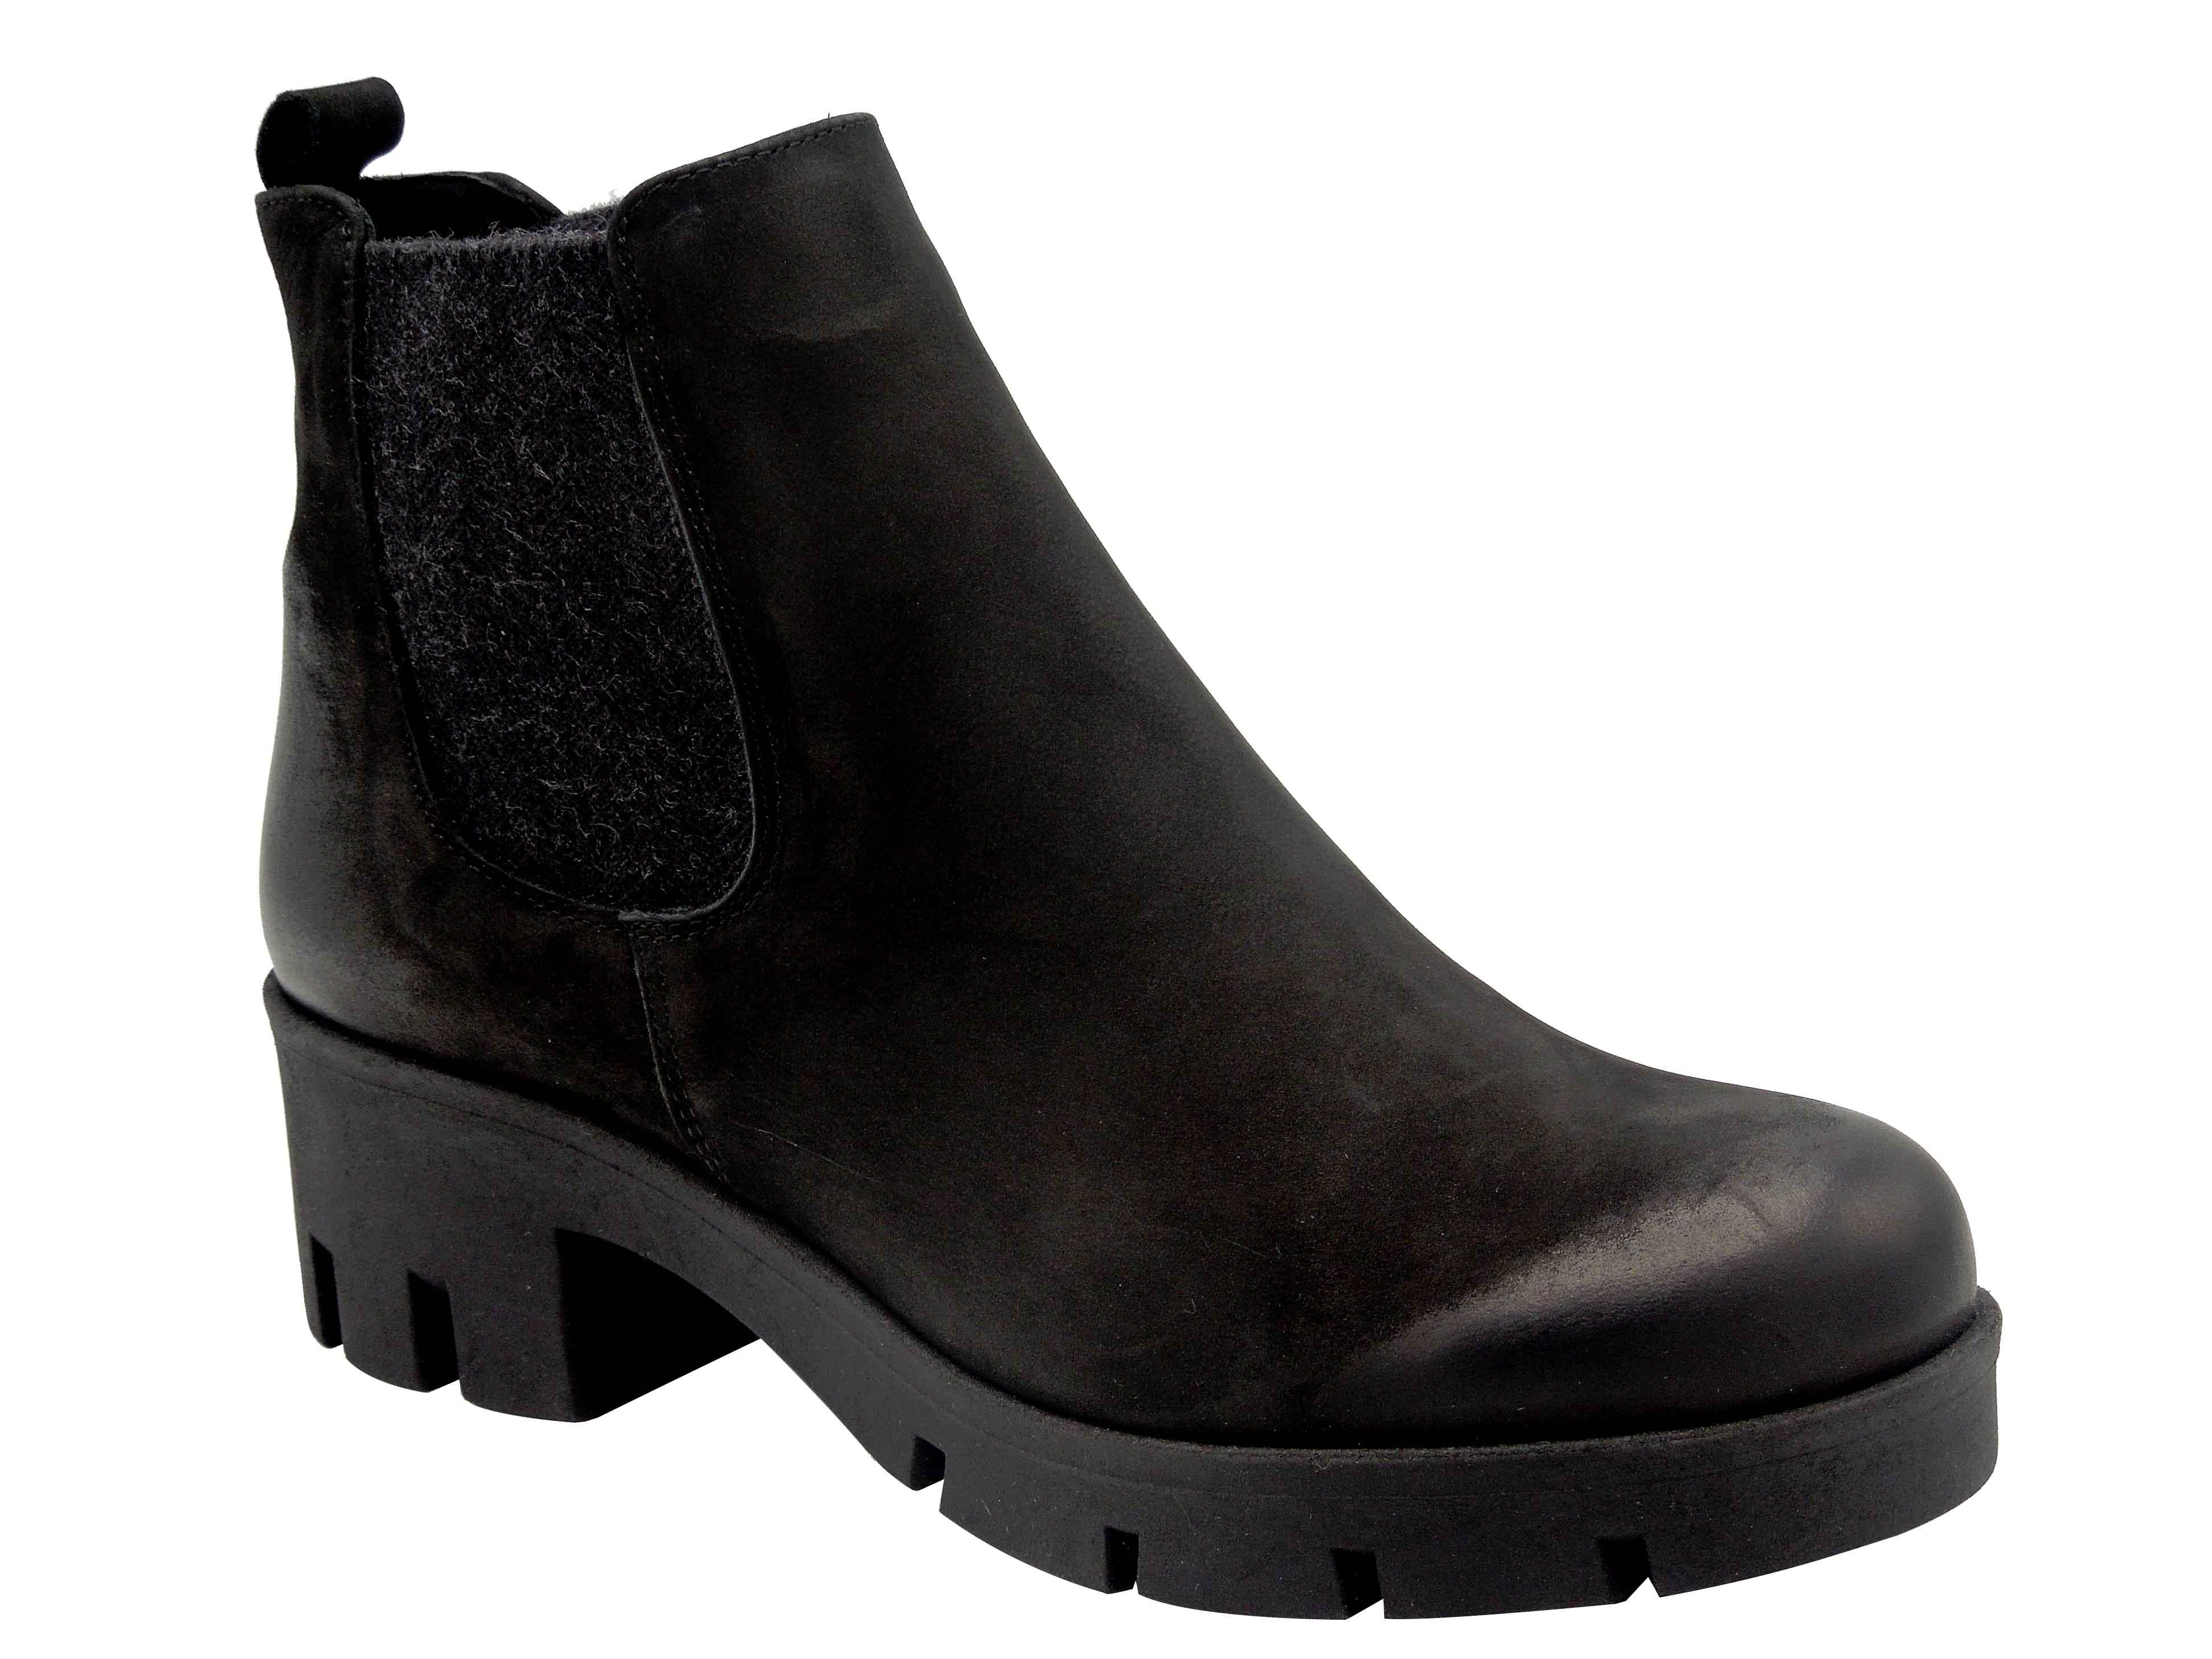 Dámská kotníková obuv - boty perka Acord 3334. 766a537559a